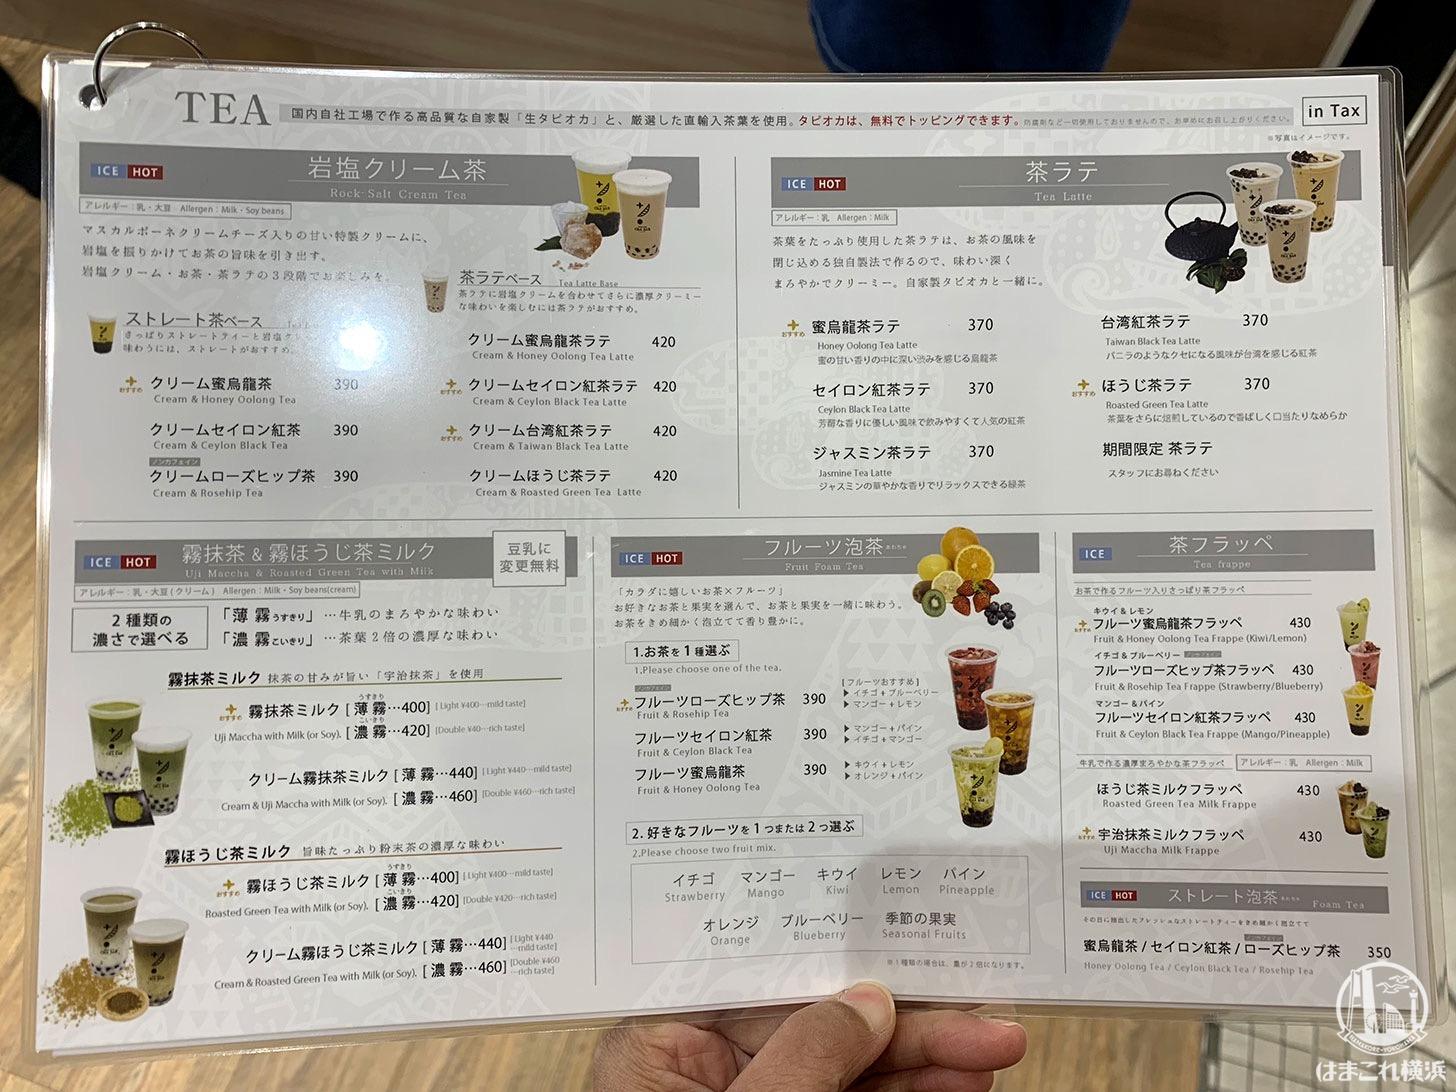 茶BAR(バー)メニュー